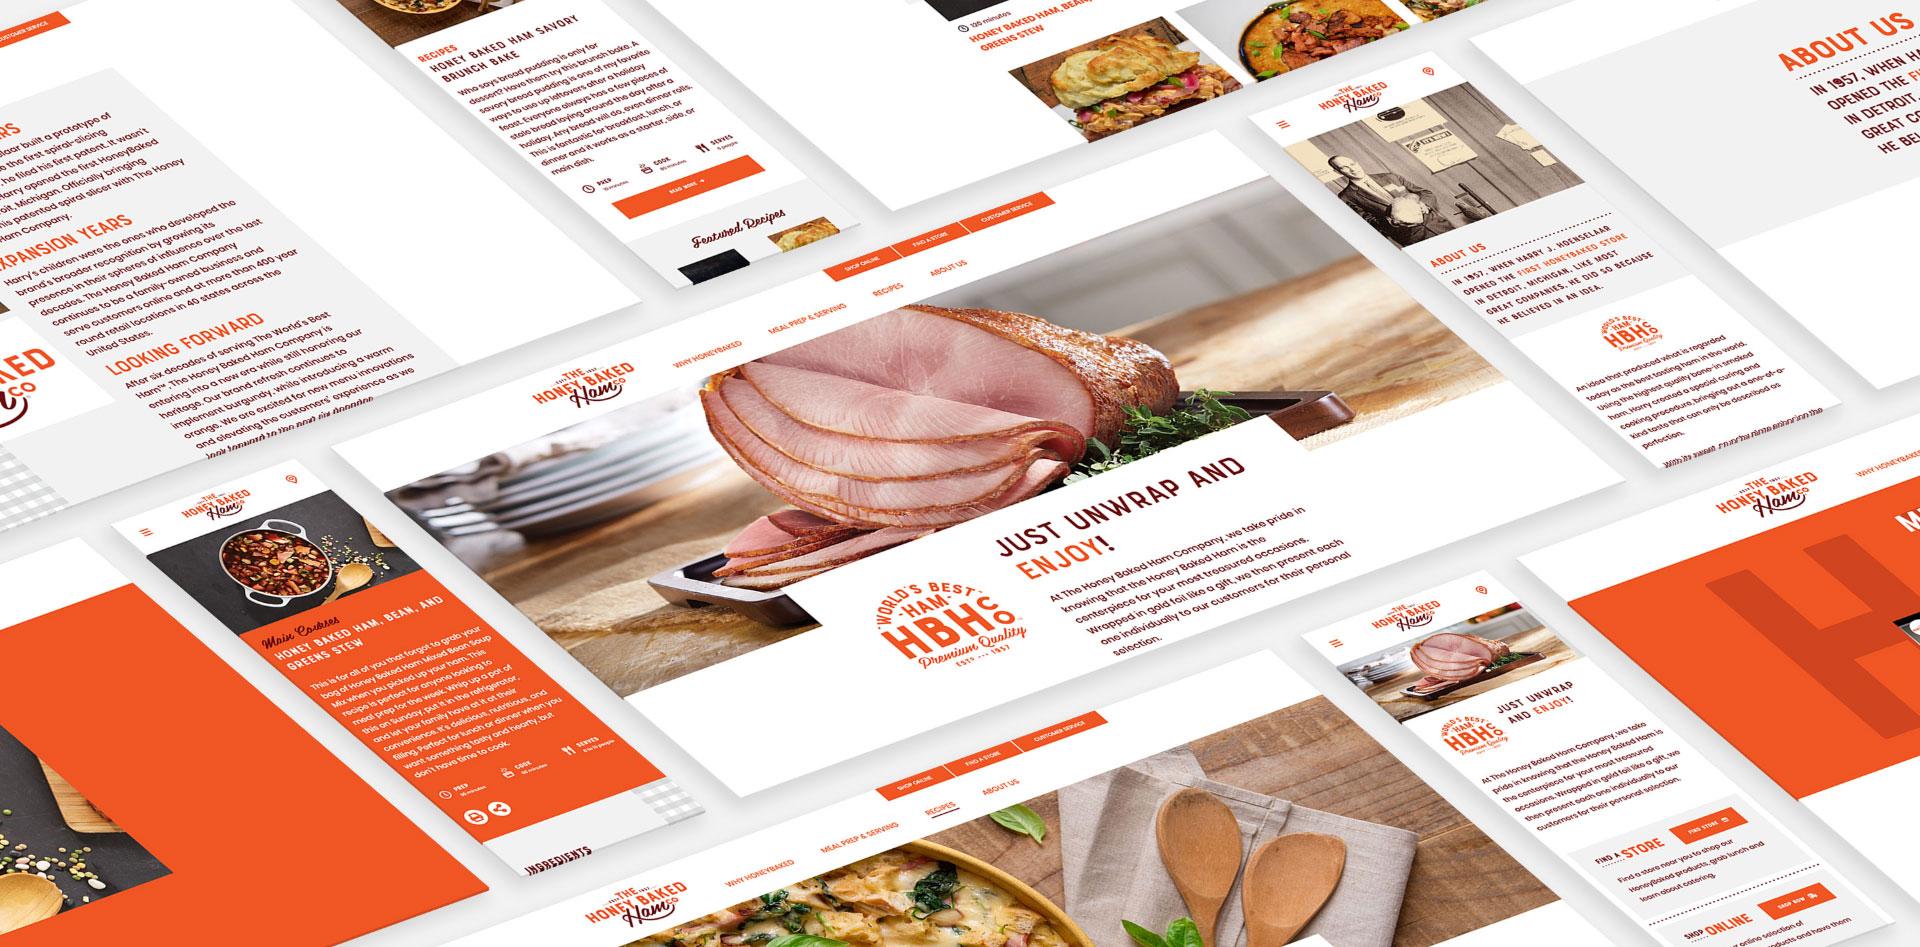 Tiled mockups of the Honey Baked Hame Company website.